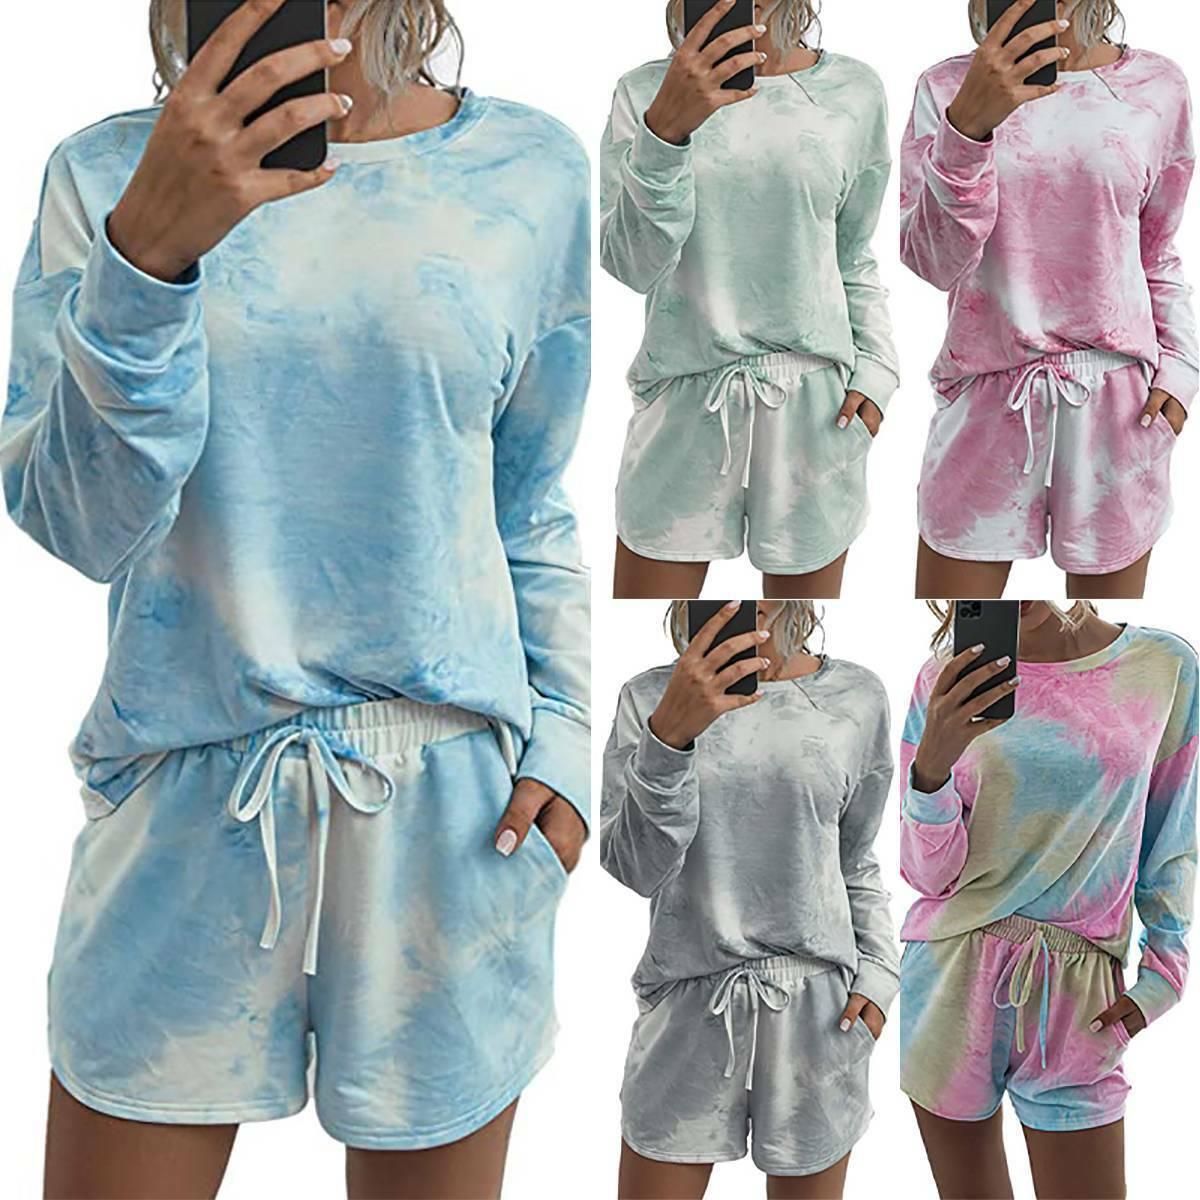 Damen Tie Dye Langarm Tops+Shorts Schlafanzug Pyjama Set Nachtwäsche Loungewear